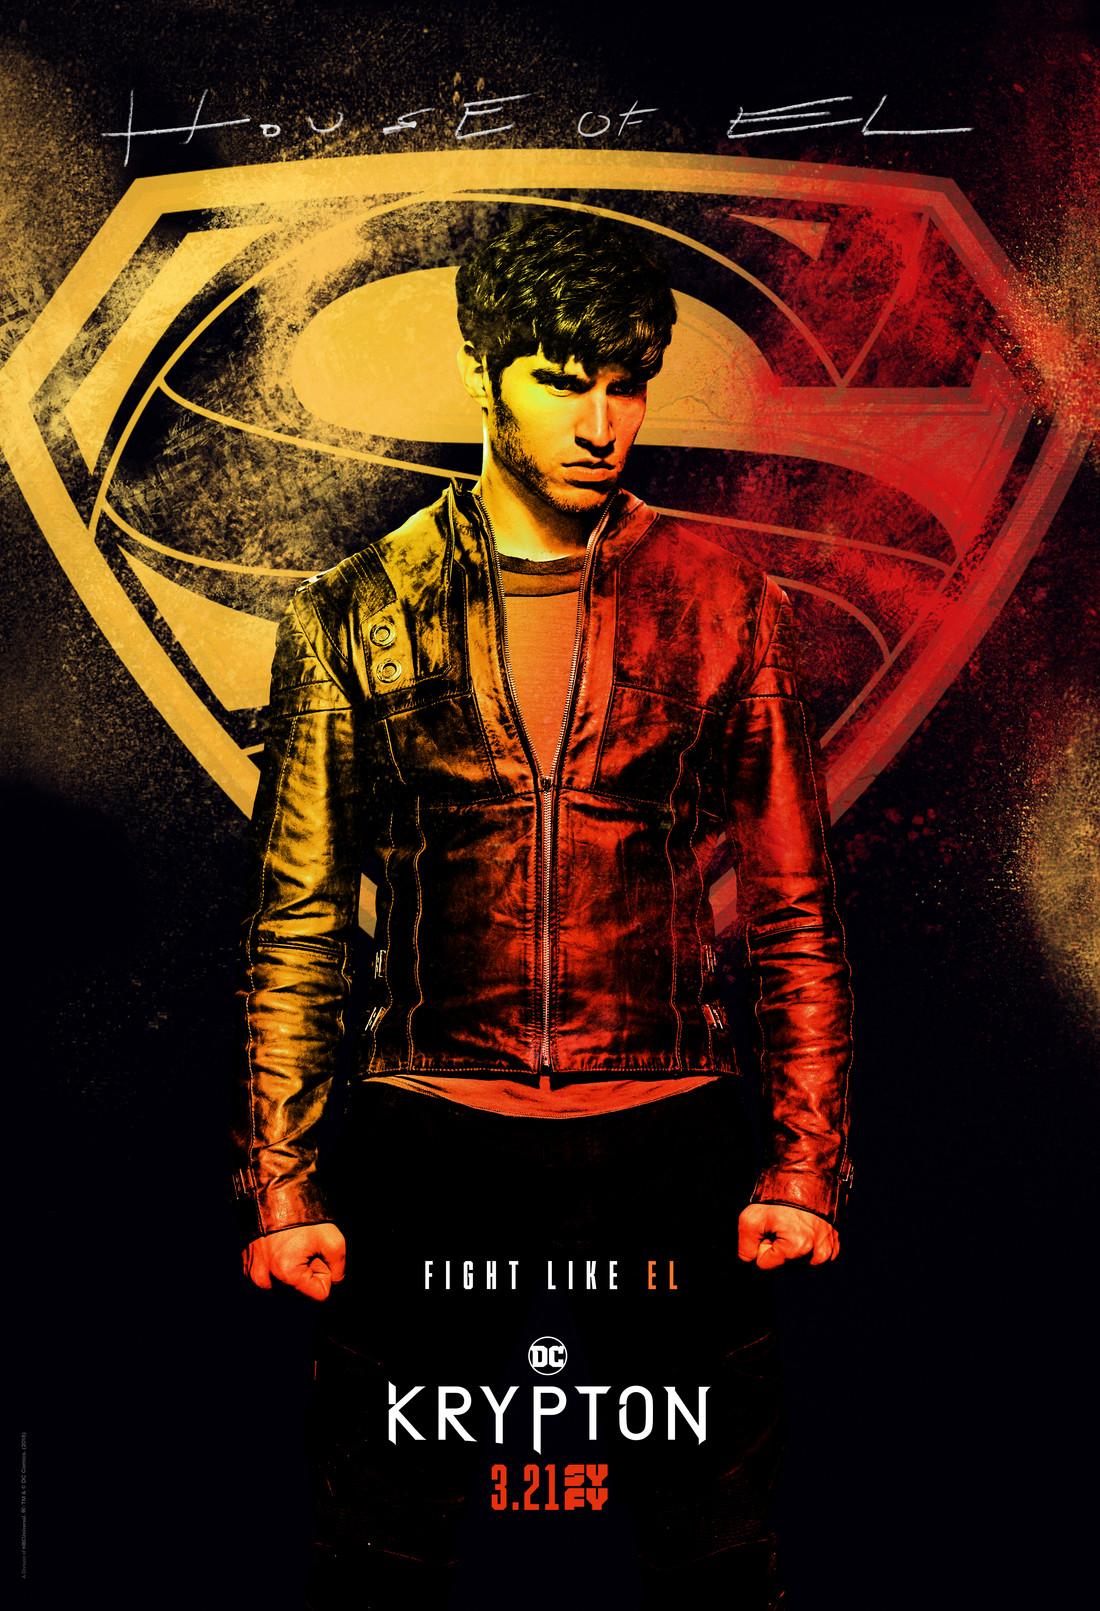 Krypton - House of El